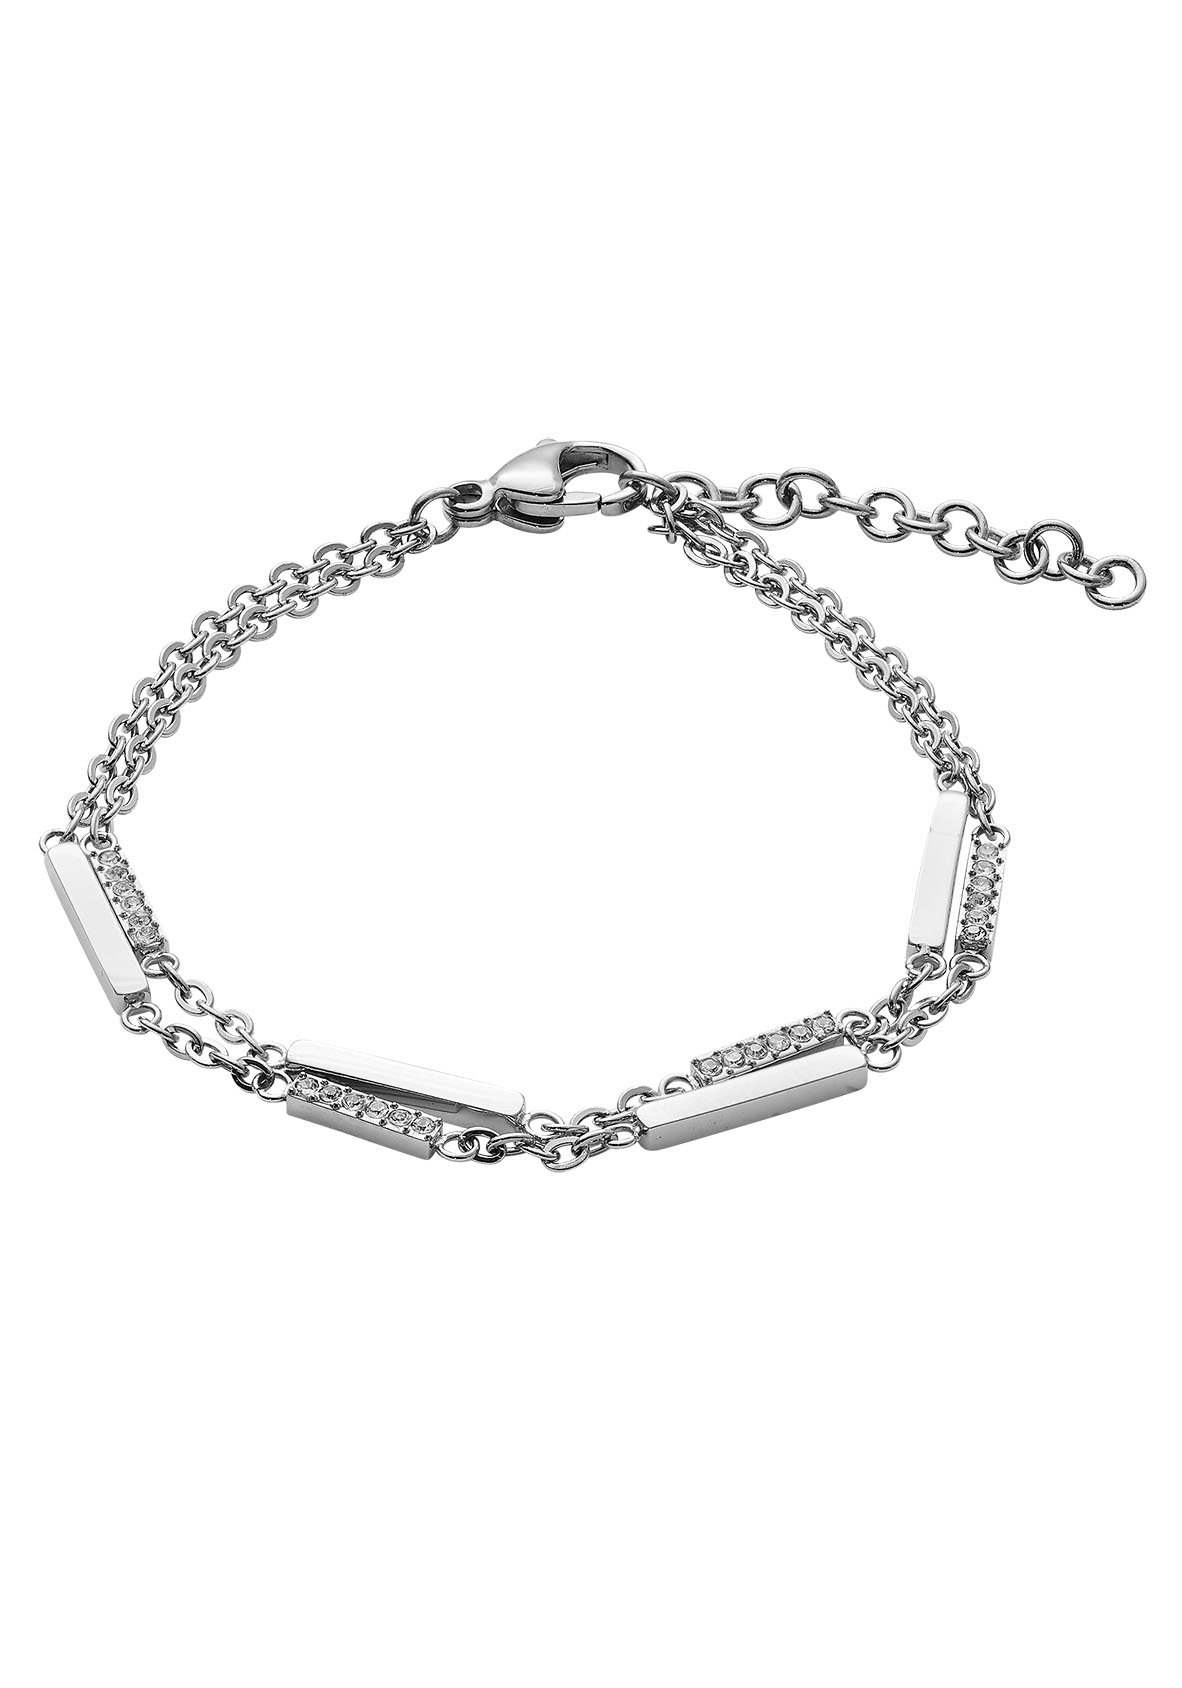 XENOX armband SPLASH, X6505, X6505G met zirkoon (synthetisch) online kopen op otto.nl